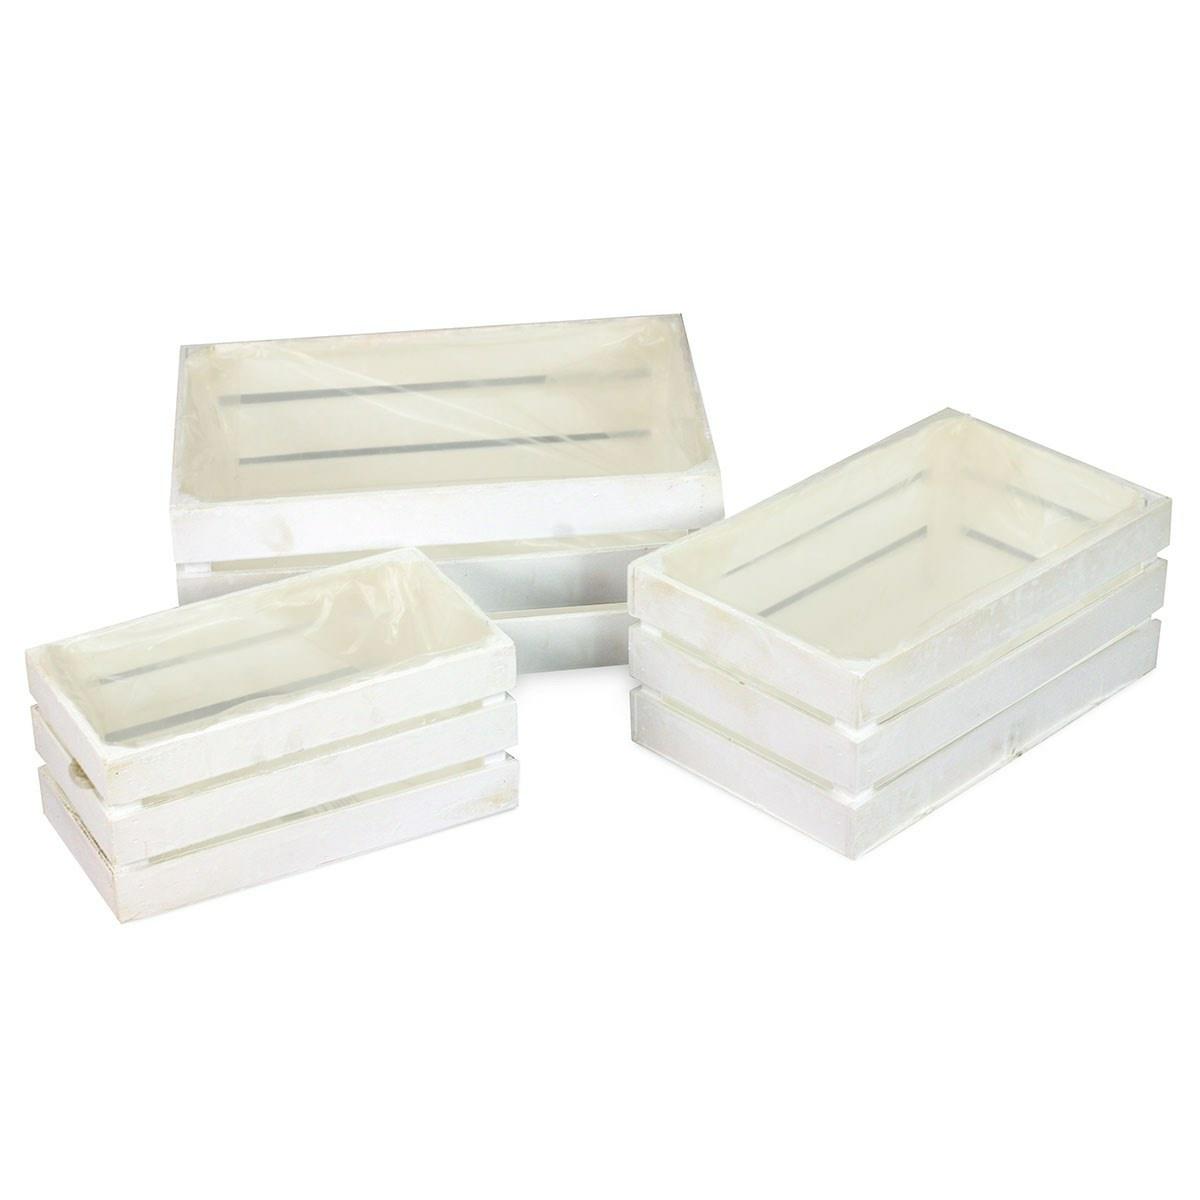 Sada dekoračních úložných boxů Manresa, 3 ks